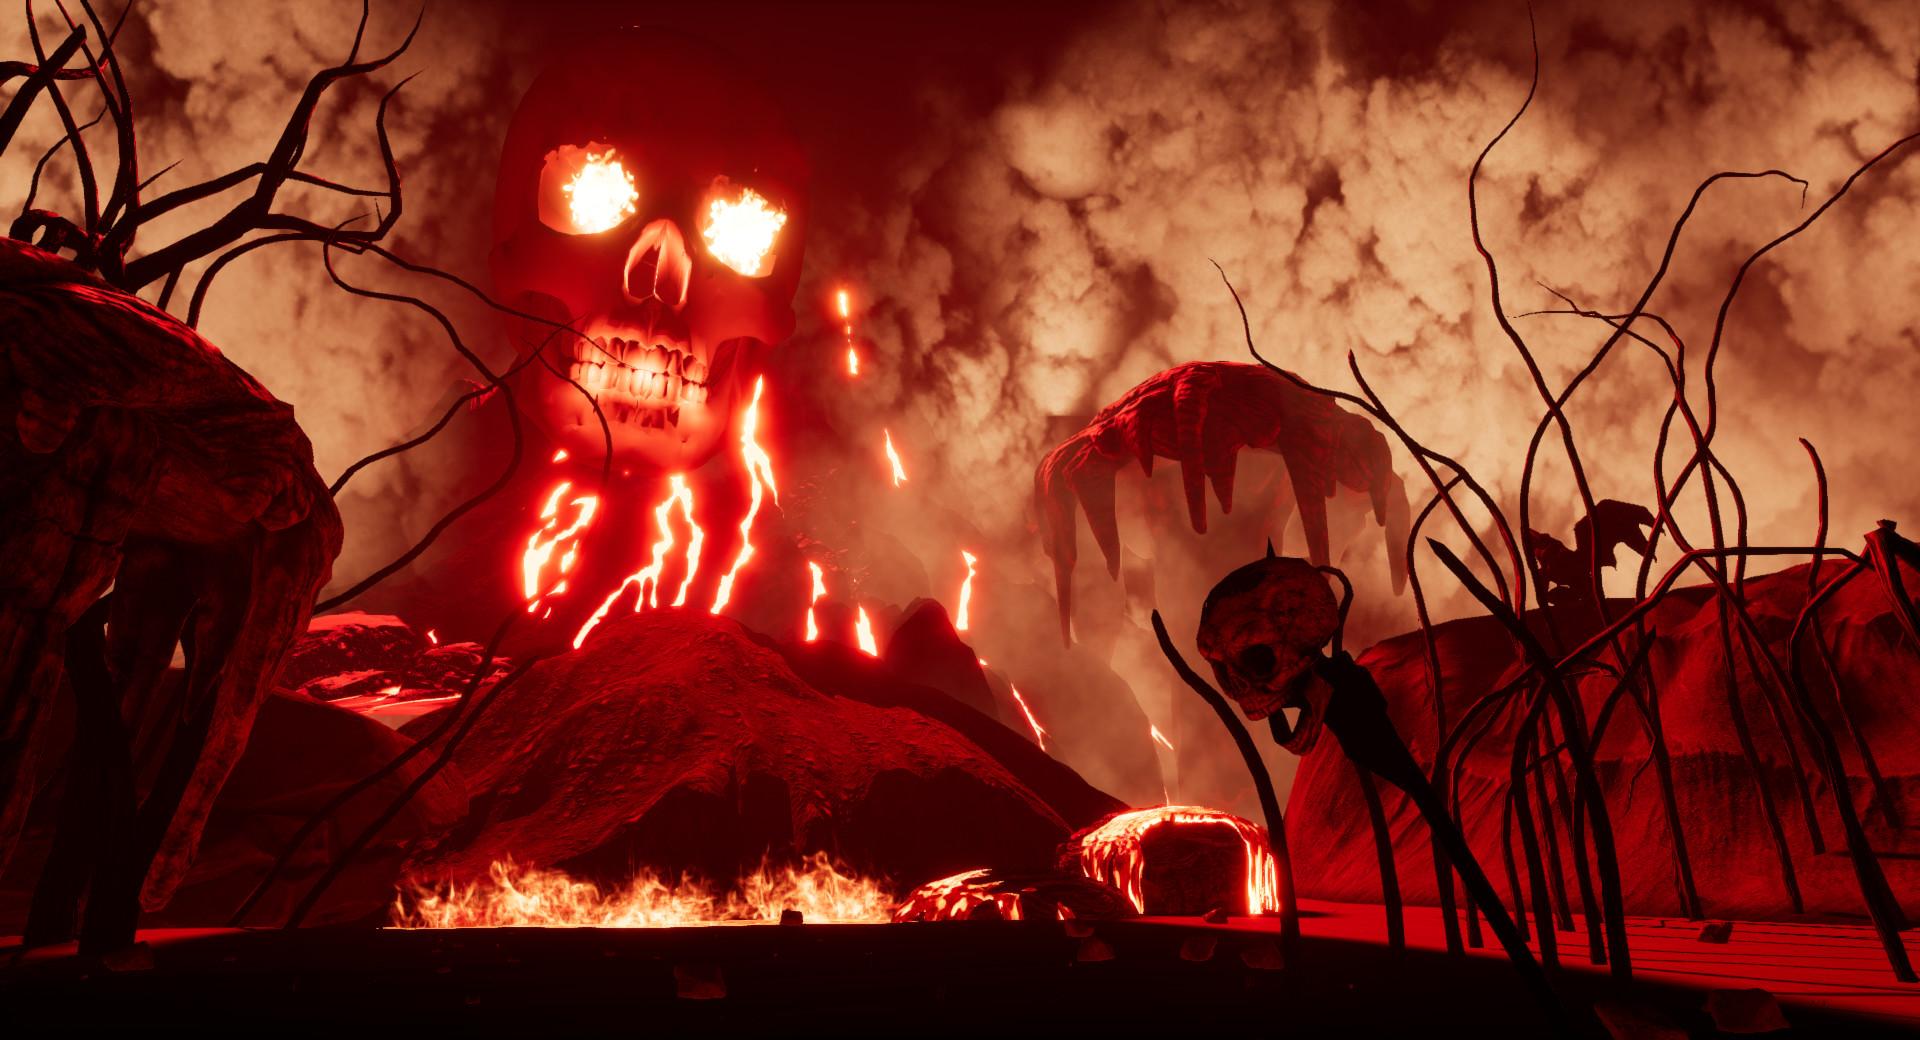 地狱界限图片